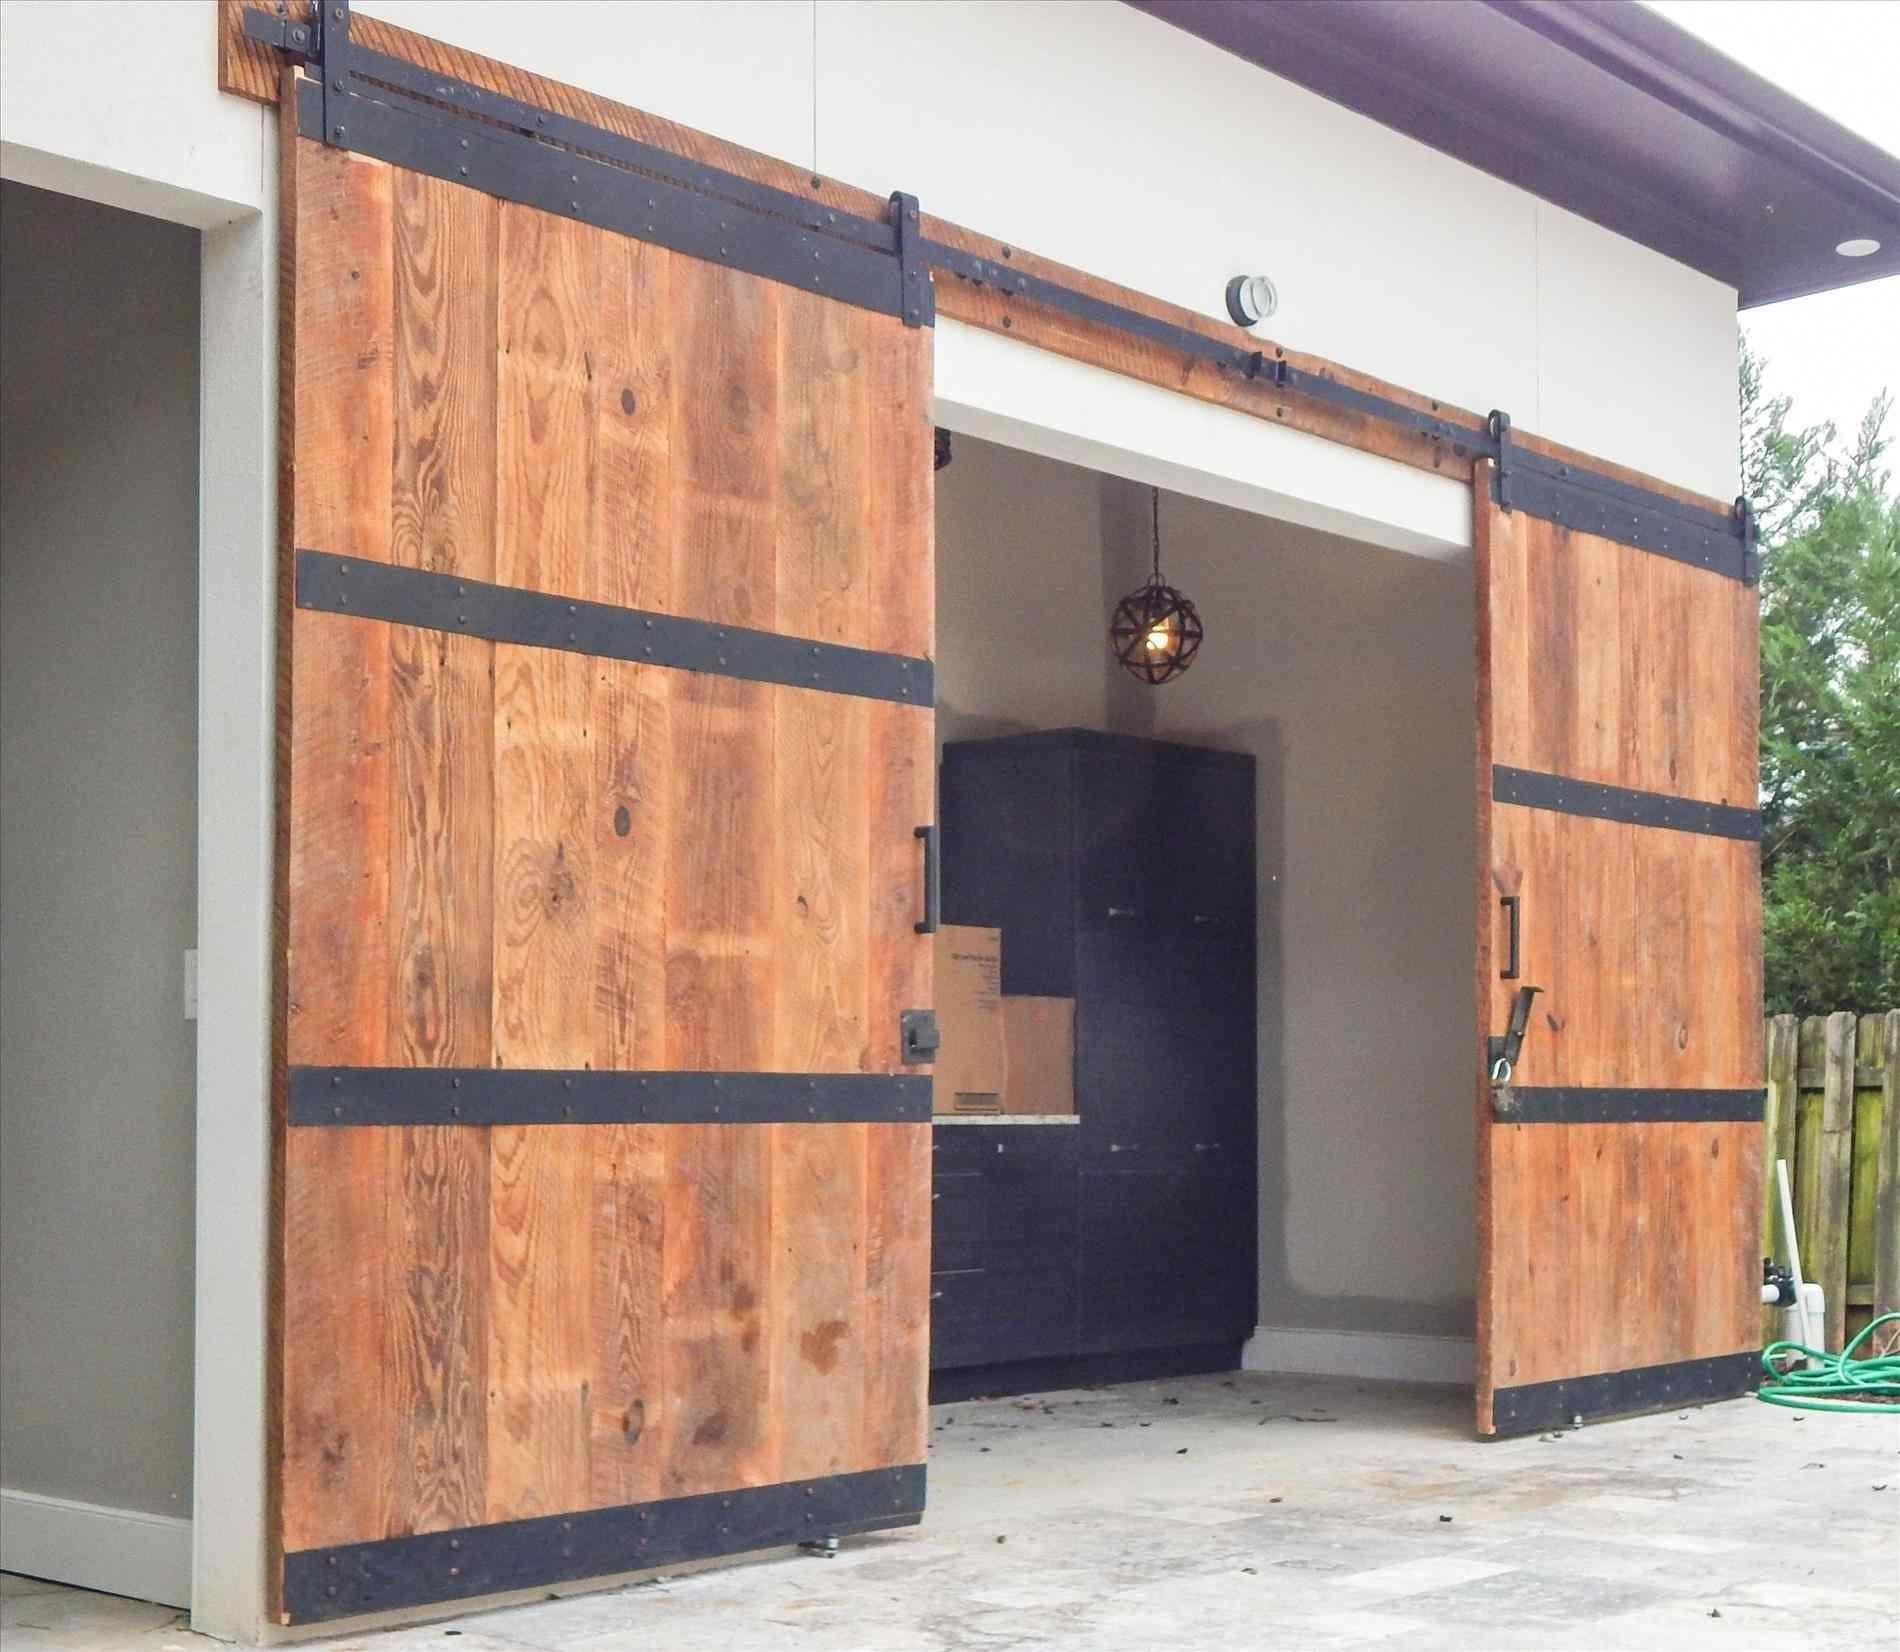 Interiordoors Portes De Grange Interieur Porte Coulissante Interieur Porte Coulissante